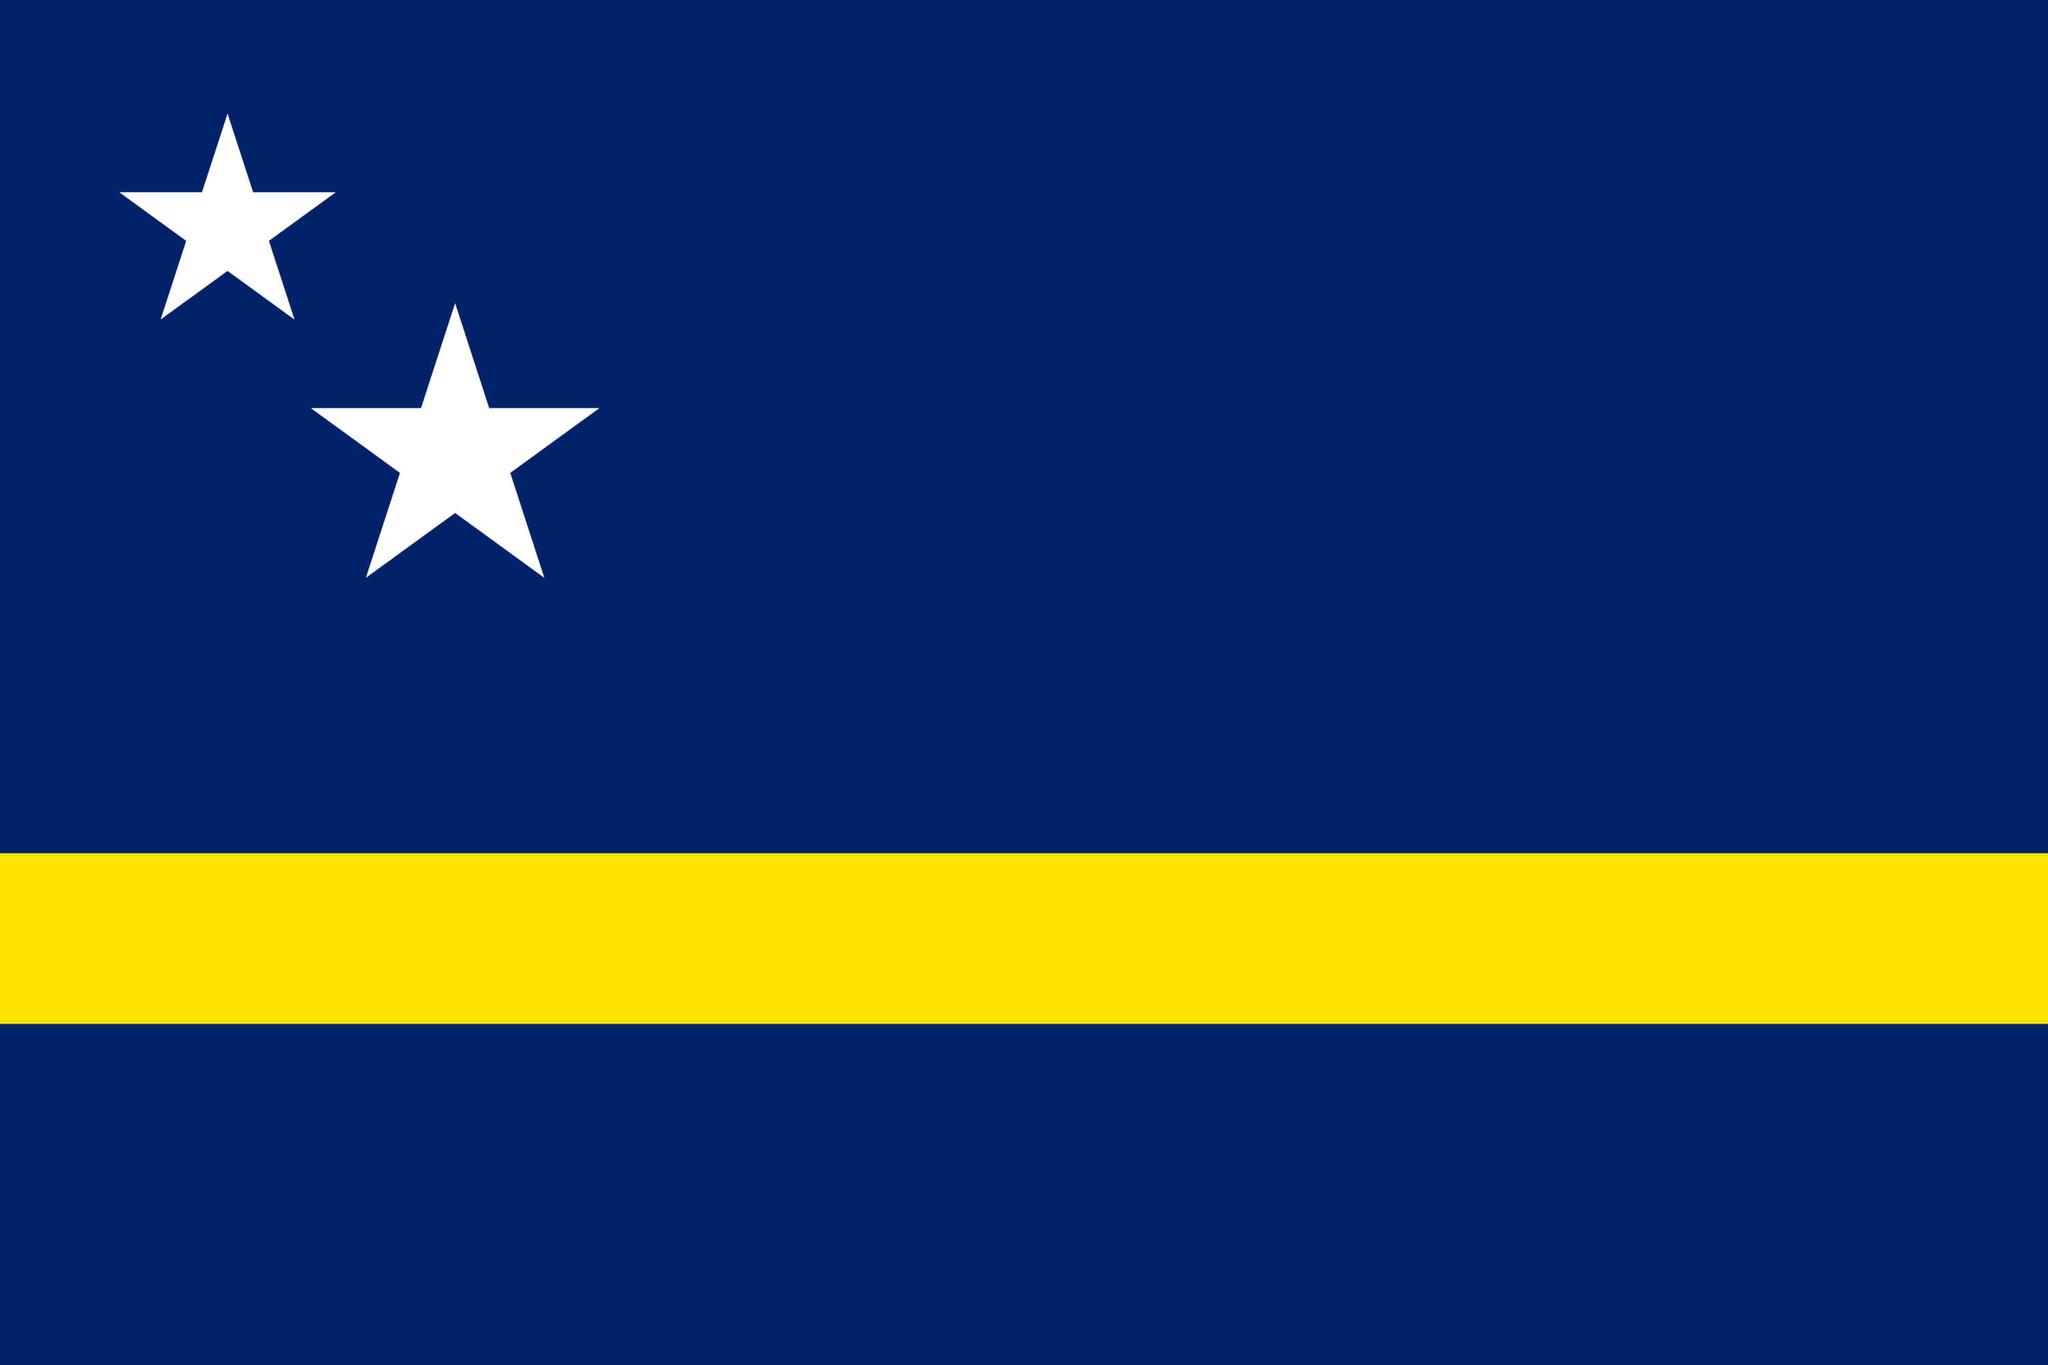 Vlag van Curaçao